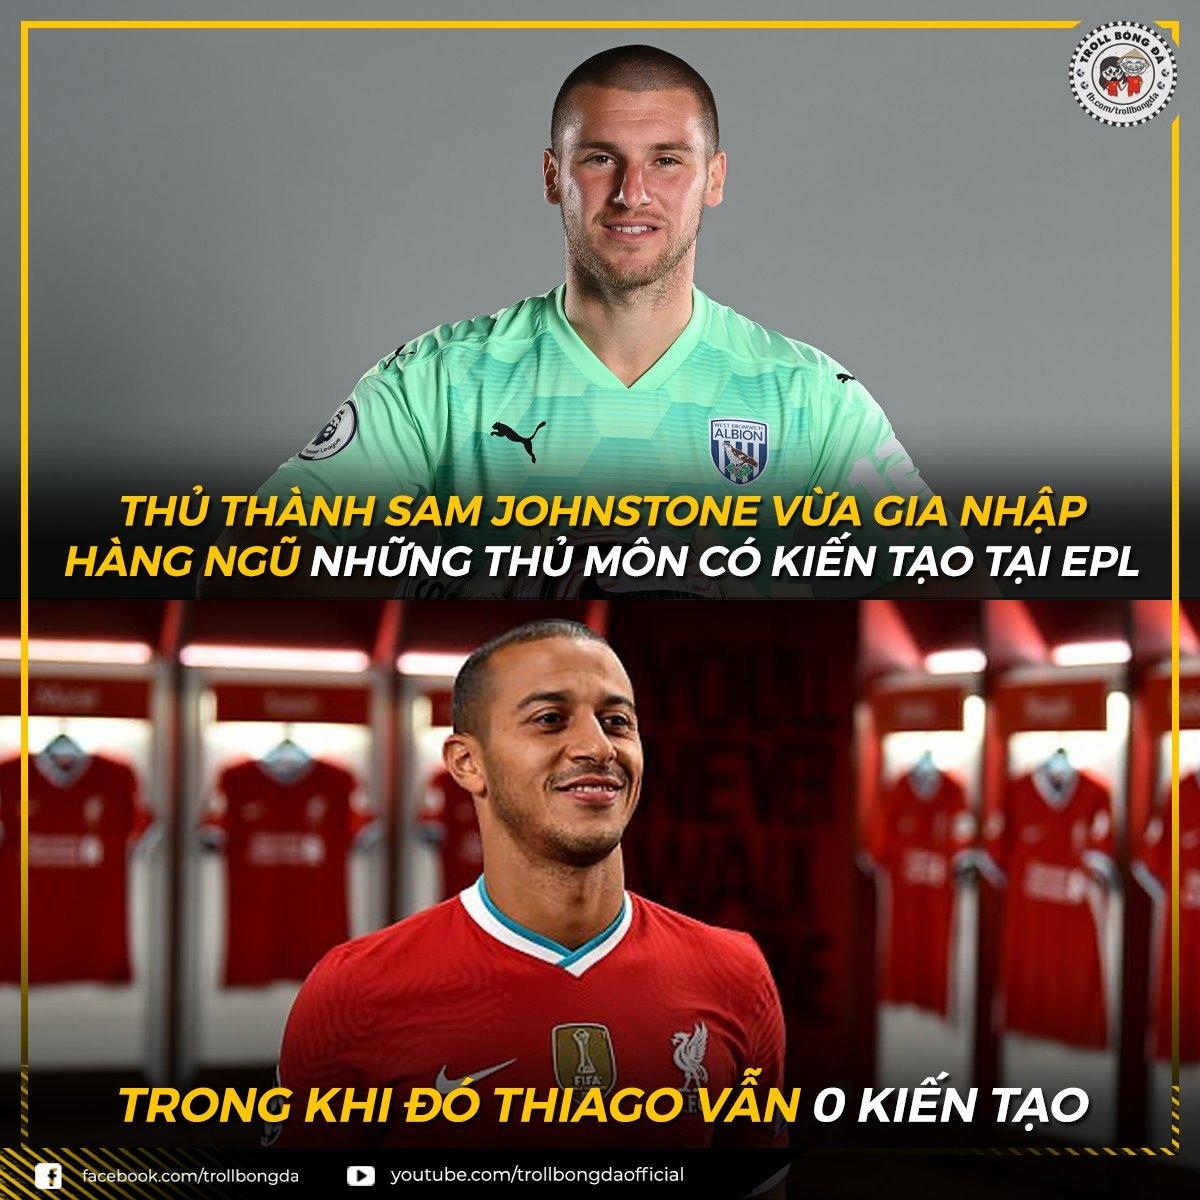 Thủ môn của đội bóng đang chống xuống hạng đã kiến tạo mà Thiago thì vẫn chưa. (Ảnh: Troll bóng đá).